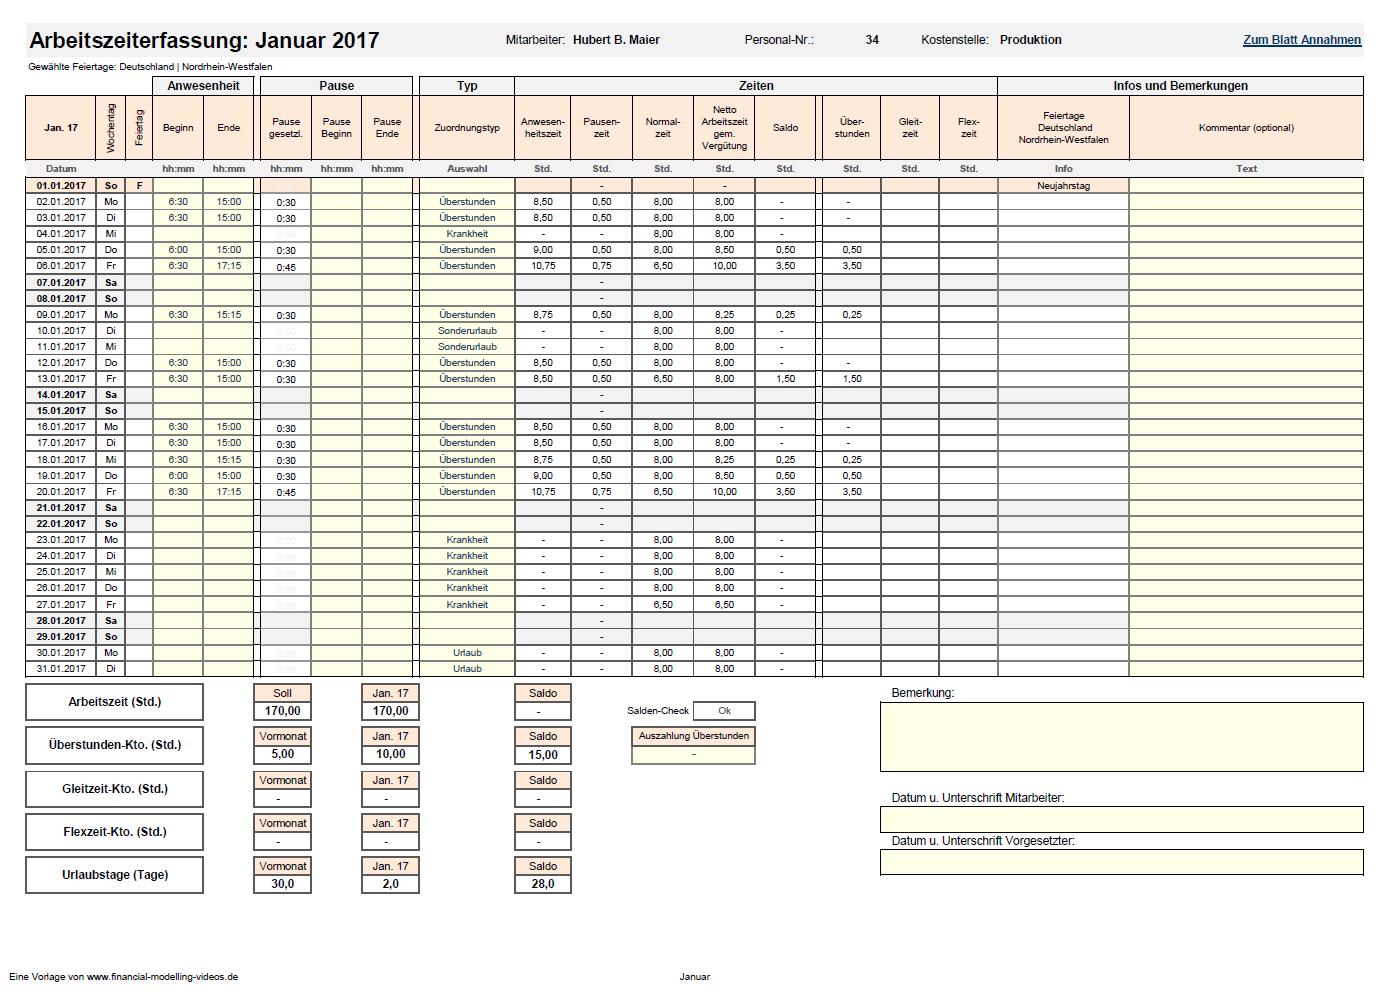 Excel Vorlage Fur Die Arbeitszeiterfassung